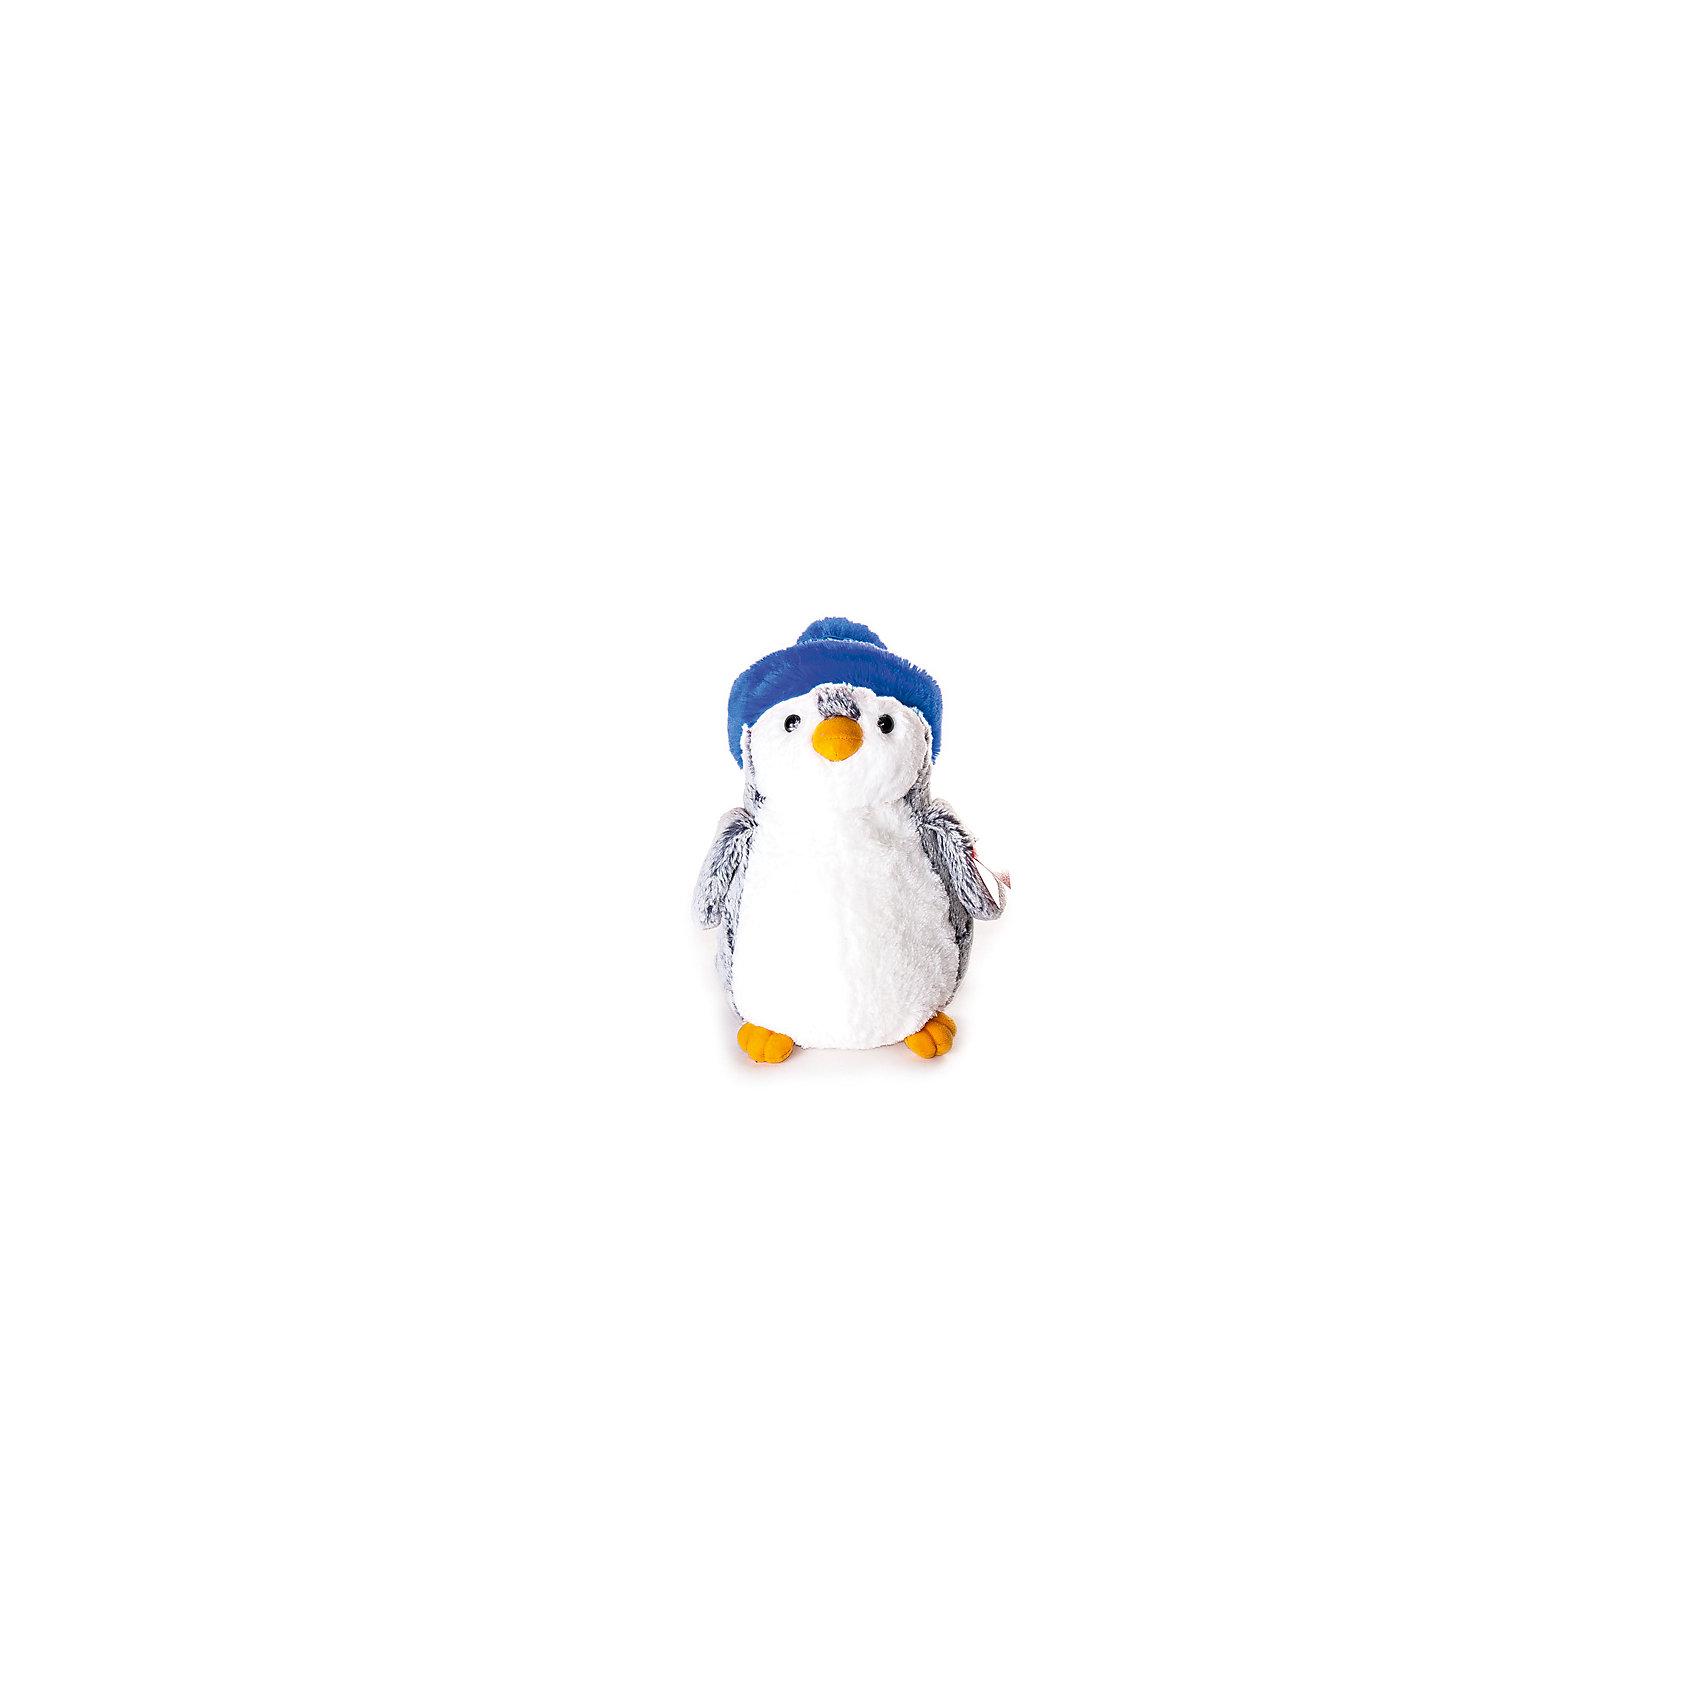 Мягкая игрушка Пингвин в синей шапке, 30 см., AURORAОчаровательный пингвиненок станет другом любому малышу. Мягкая шёрстка, приятная на ощупь, жёлтый клювик и лапки не могут оставить равнодушным - его хочется взять в руки и погладить. На голову пингвина одета синяя шапочка. Игрушка изготовлена из высококачественного гипоаллергенного плюша и абсолютно безопасна даже для самых маленьких детей.<br><br>Дополнительная информация:<br><br>- Материал: мех, текстиль, синтепон.<br>- Размер: 30 см.<br><br>Мягкую игрушку Пингвин в синей шапке, 30 см., AURORA можно купить в нашем магазине.<br><br>Ширина мм: 230<br>Глубина мм: 310<br>Высота мм: 200<br>Вес г: 450<br>Возраст от месяцев: 36<br>Возраст до месяцев: 192<br>Пол: Унисекс<br>Возраст: Детский<br>SKU: 4251453